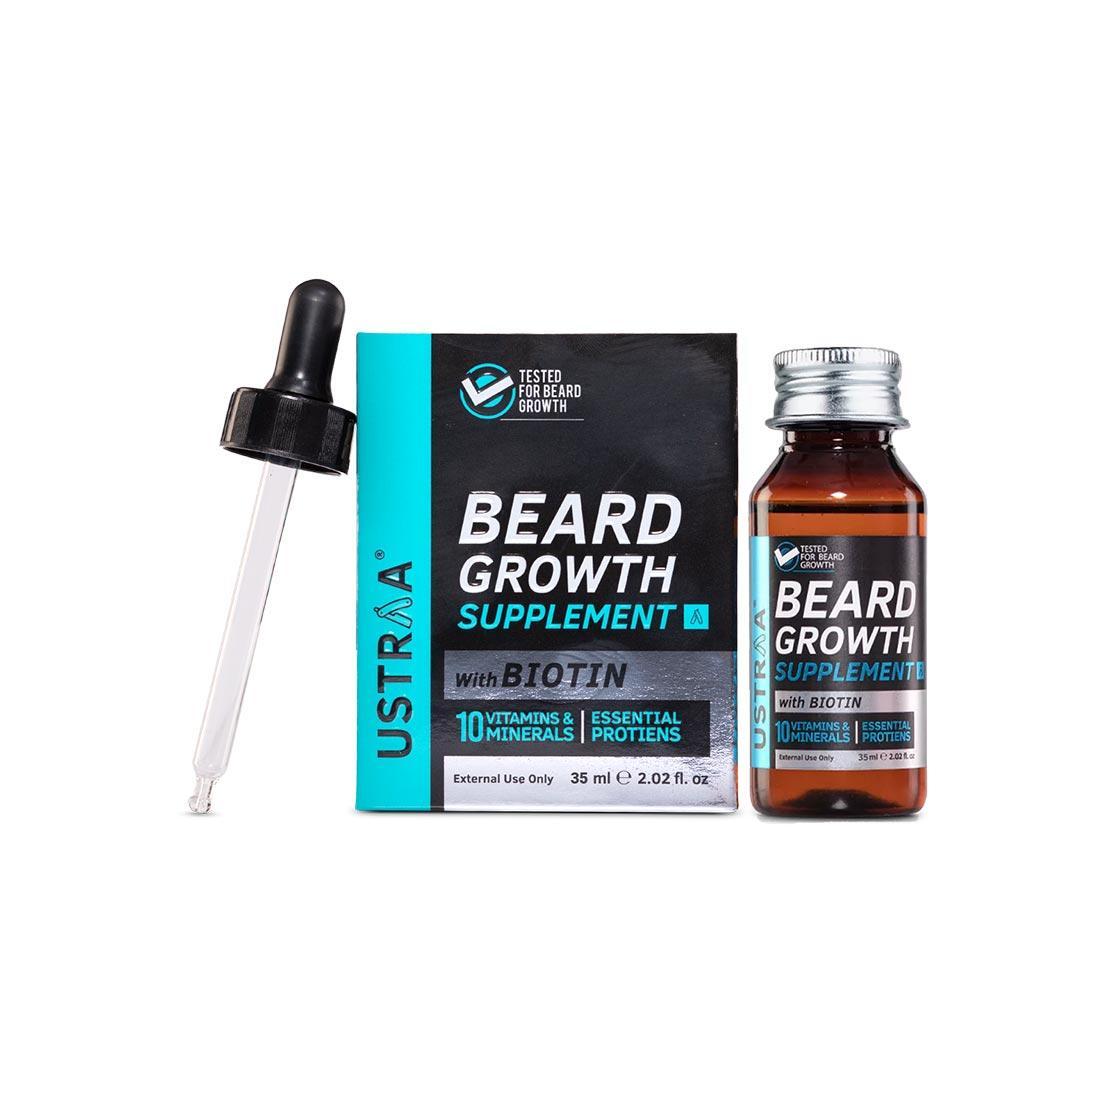 Beard Growth Supplement - 35 ml